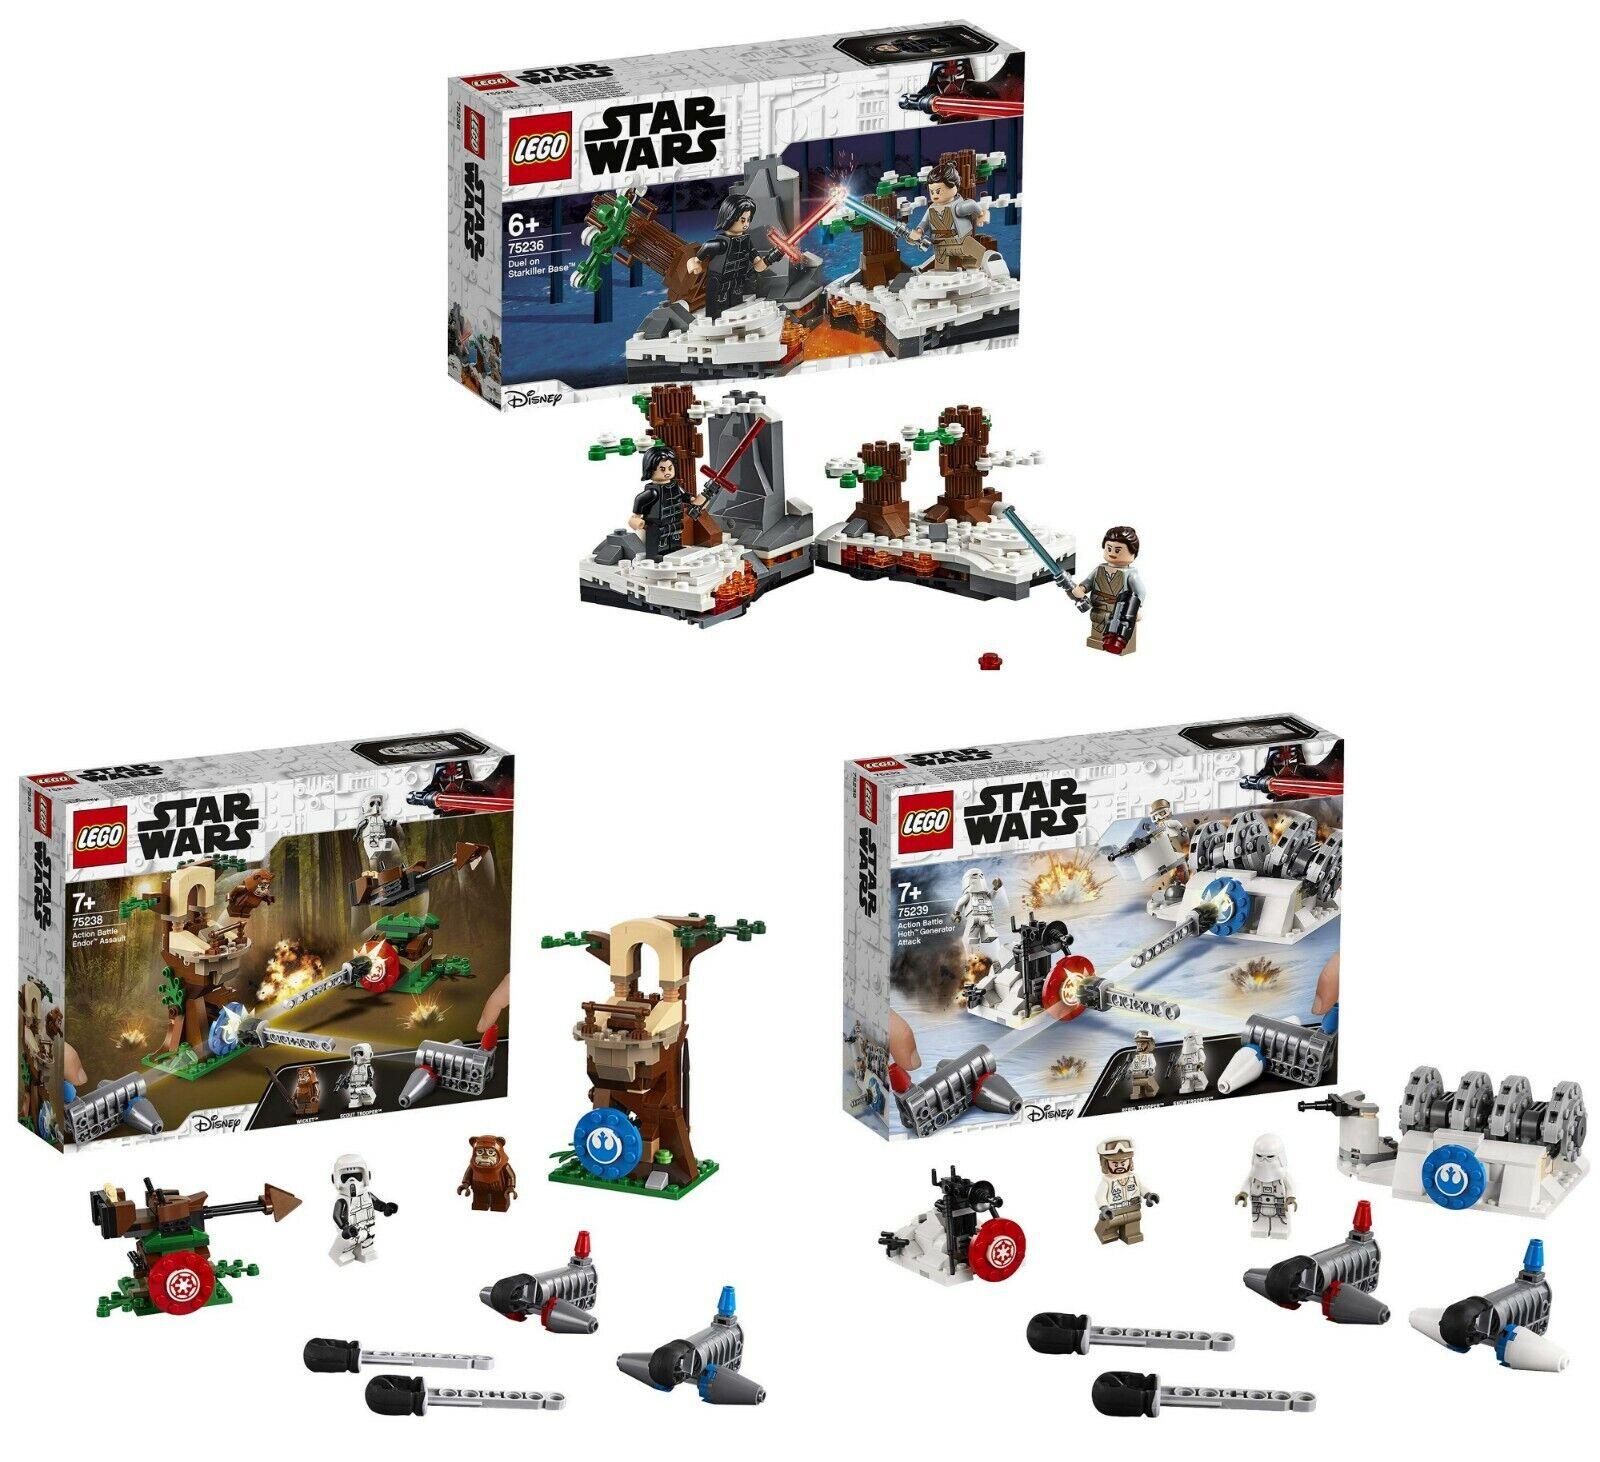 LEGO® Star Wars™ 75236 + 75238 und 75239 Star Wars™ 3-ER SET NEU & OVP